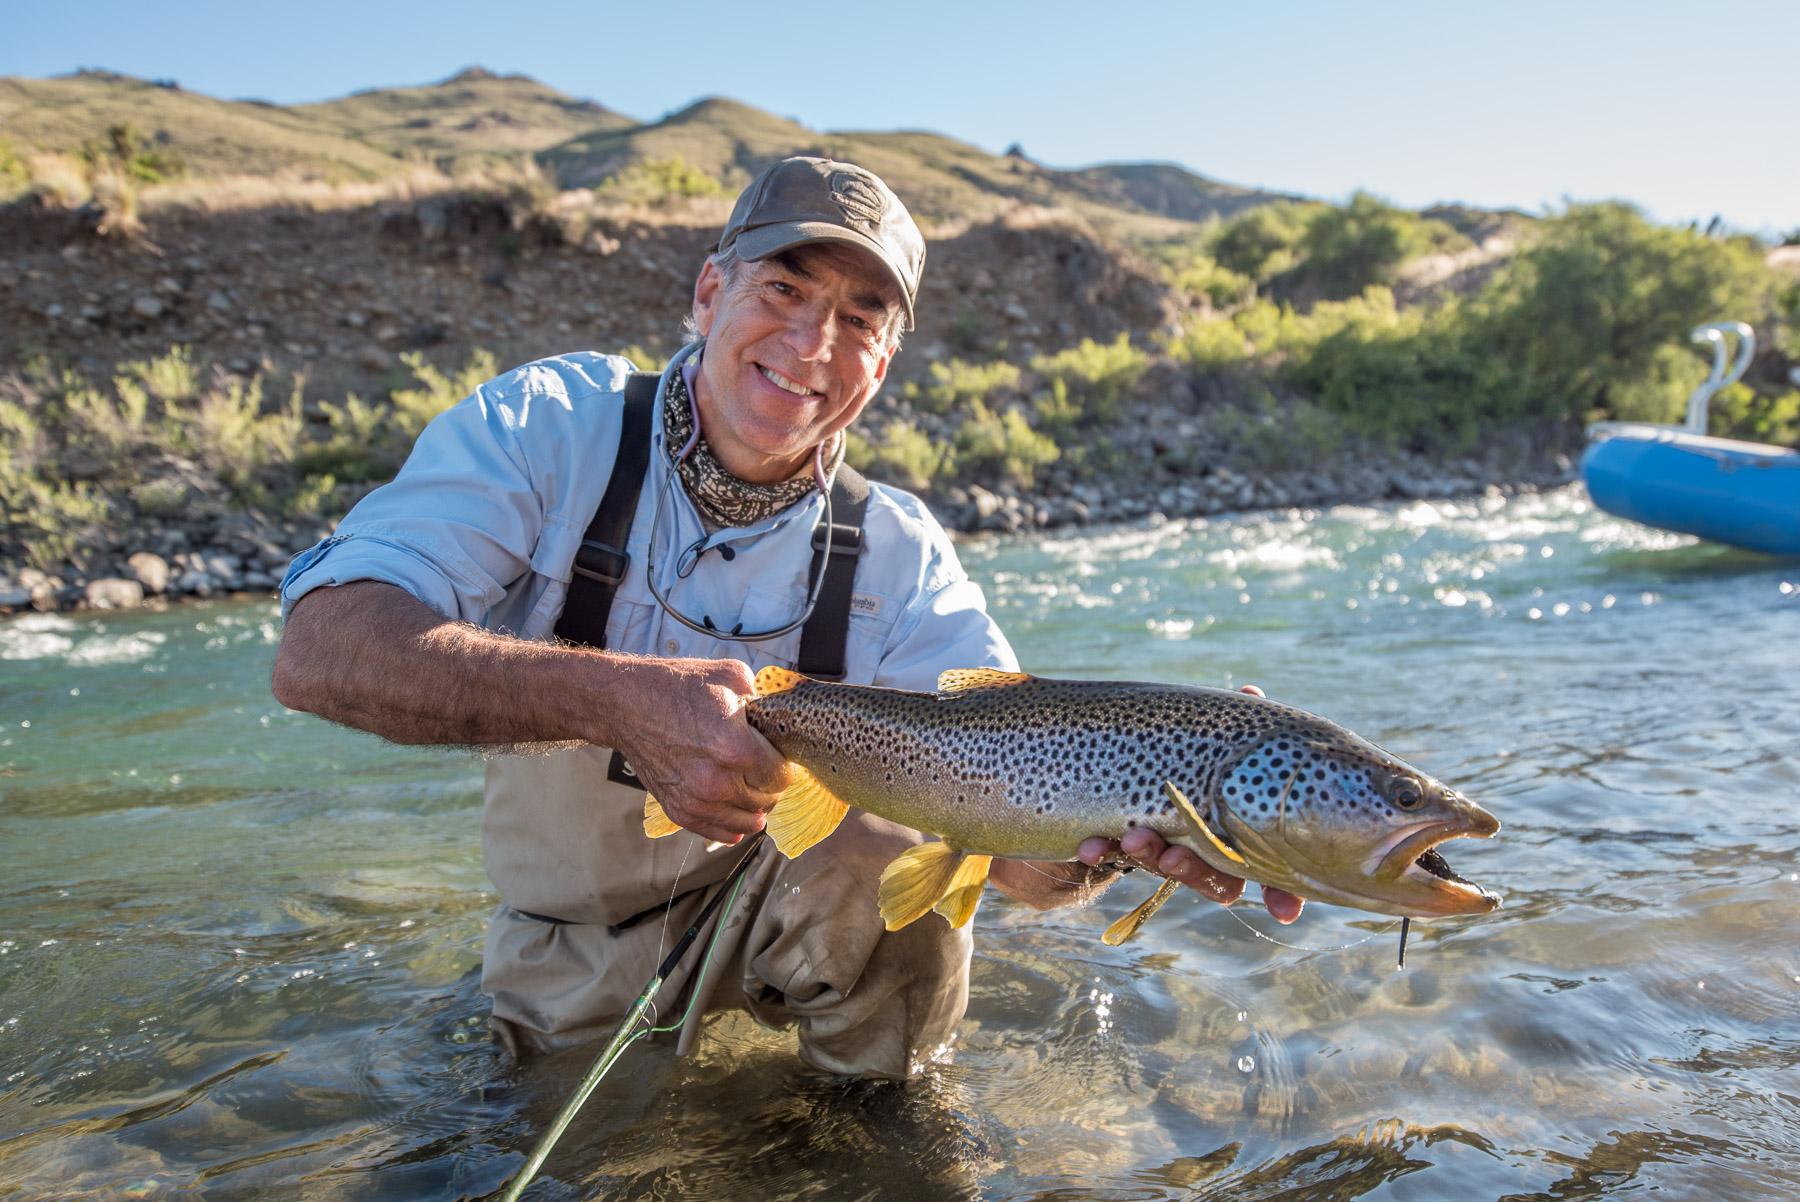 fishing in Patagonia - Patagonia Fly Fisherman, William Jack Stephens